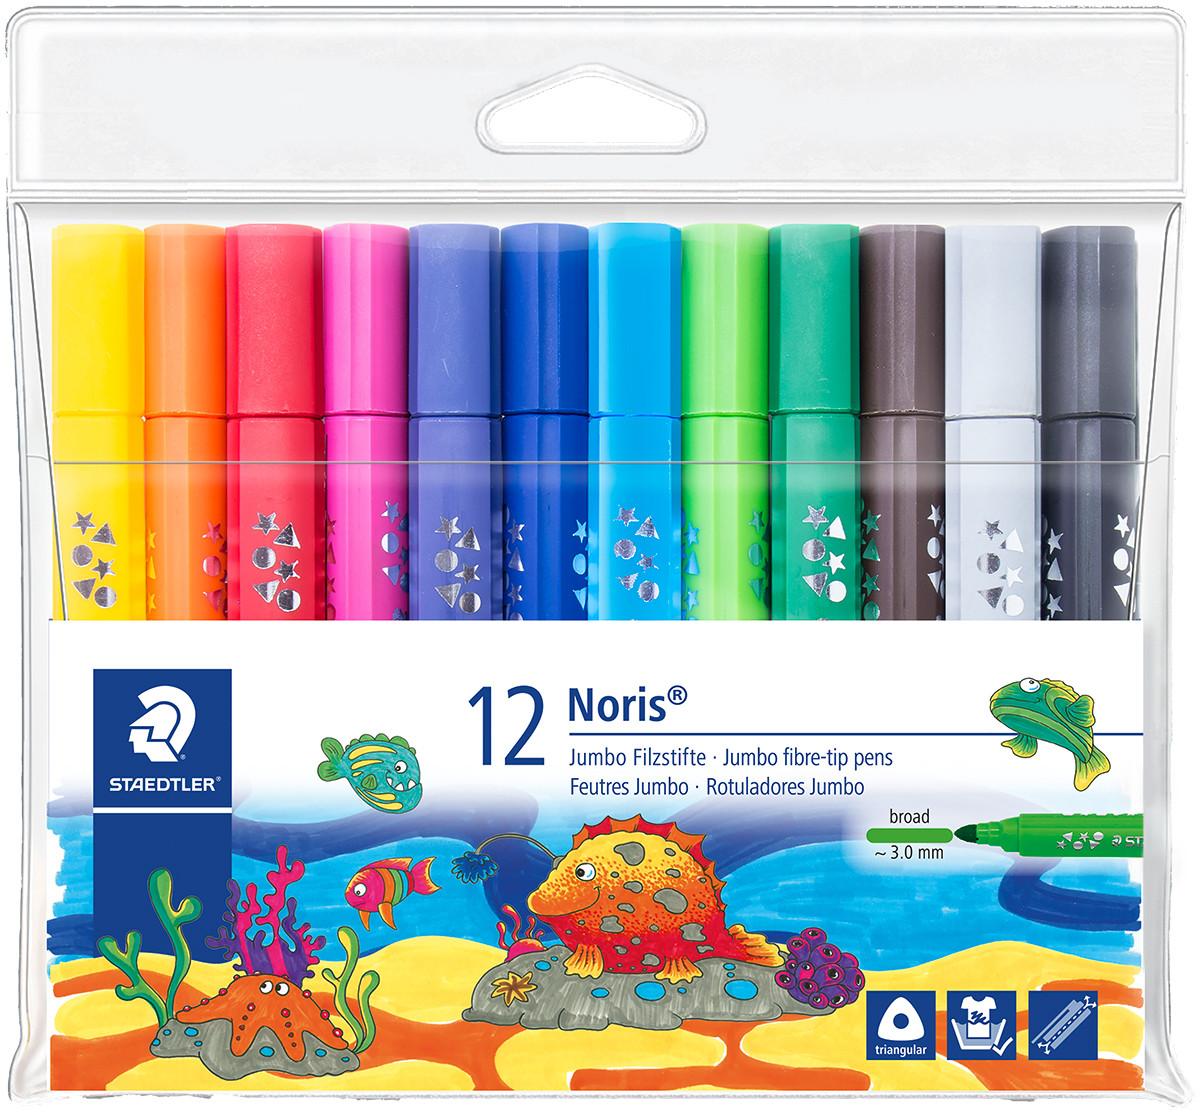 Staedtler Noris Triangular Jumbo Fibre Tip Pen - Broad  - Assorted Colours (Wallet of 12)